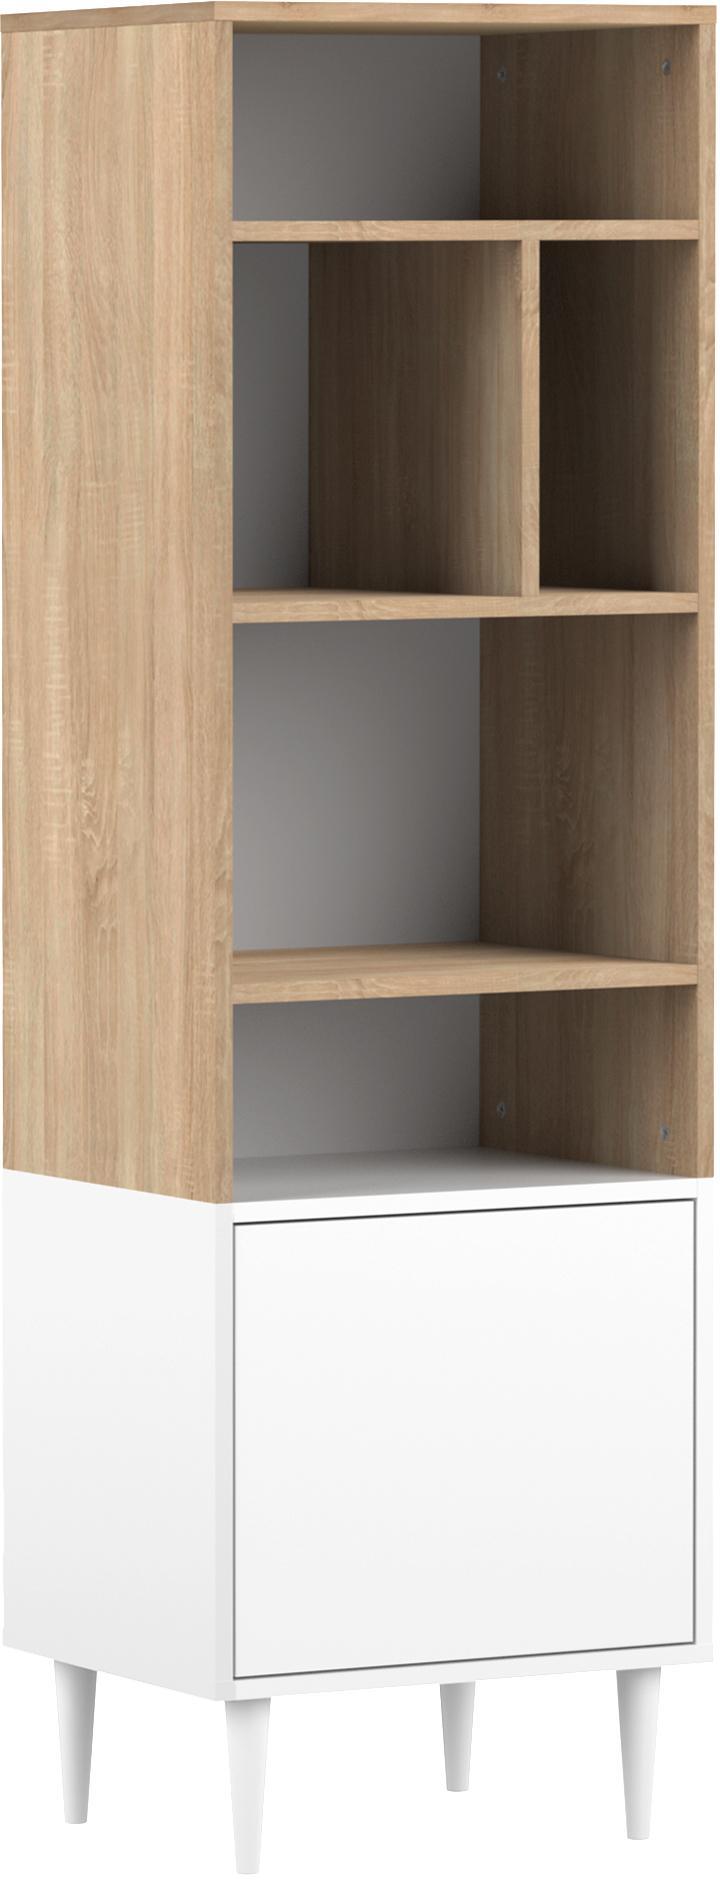 Libreria stretta in design scandi Horizon, Piedini: legno di faggio, massicci, Legno di quercia, bianco, Larg. 47 x Alt. 153 cm